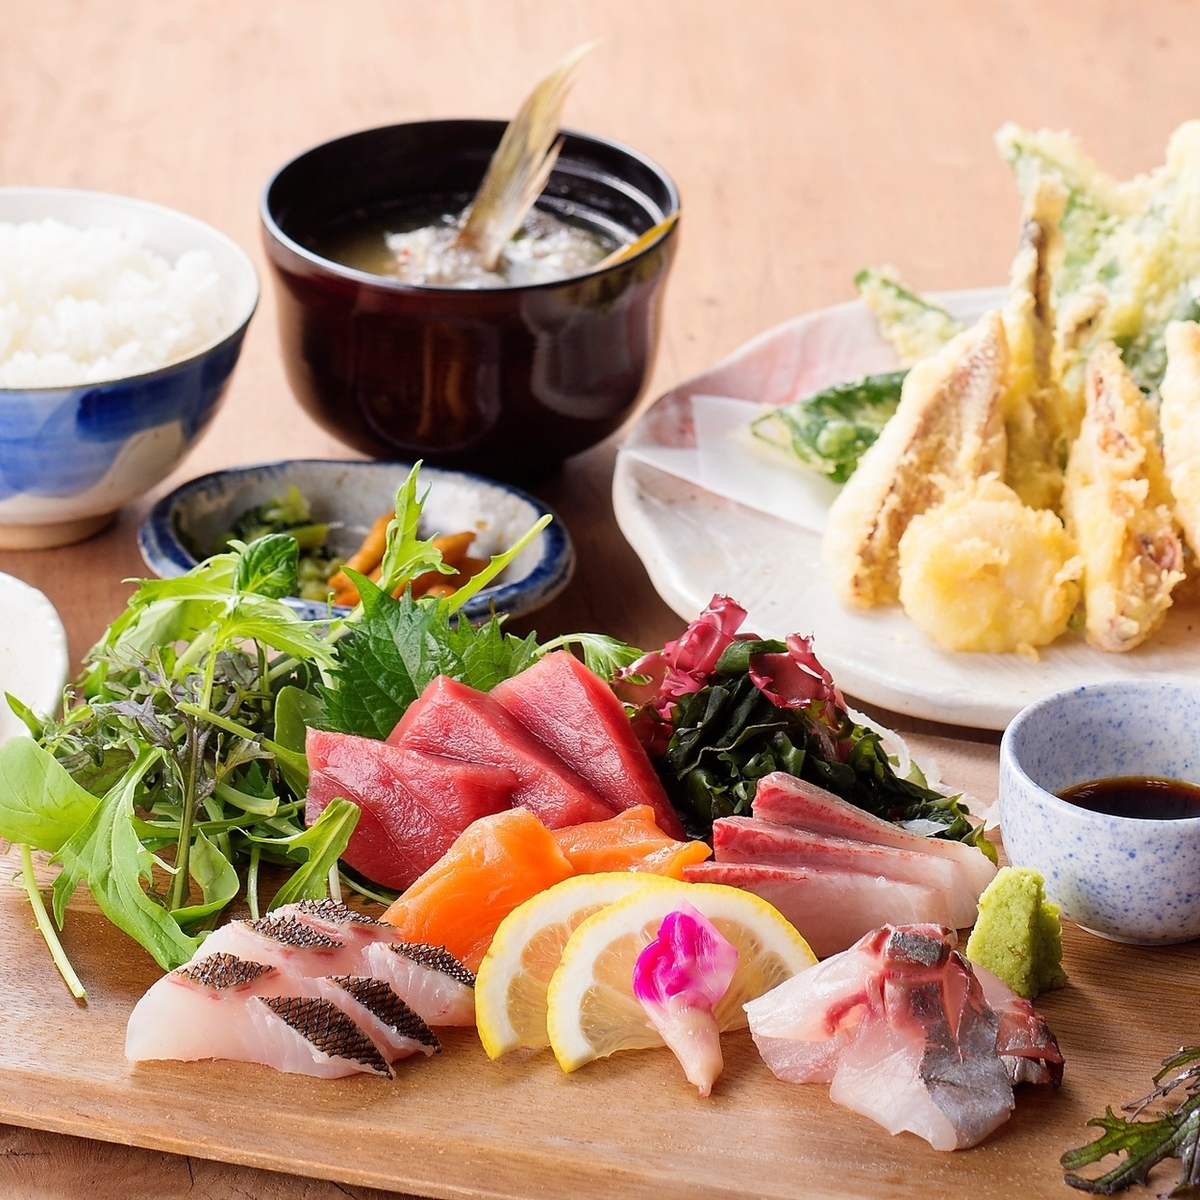 【设置菜单】青岛套餐